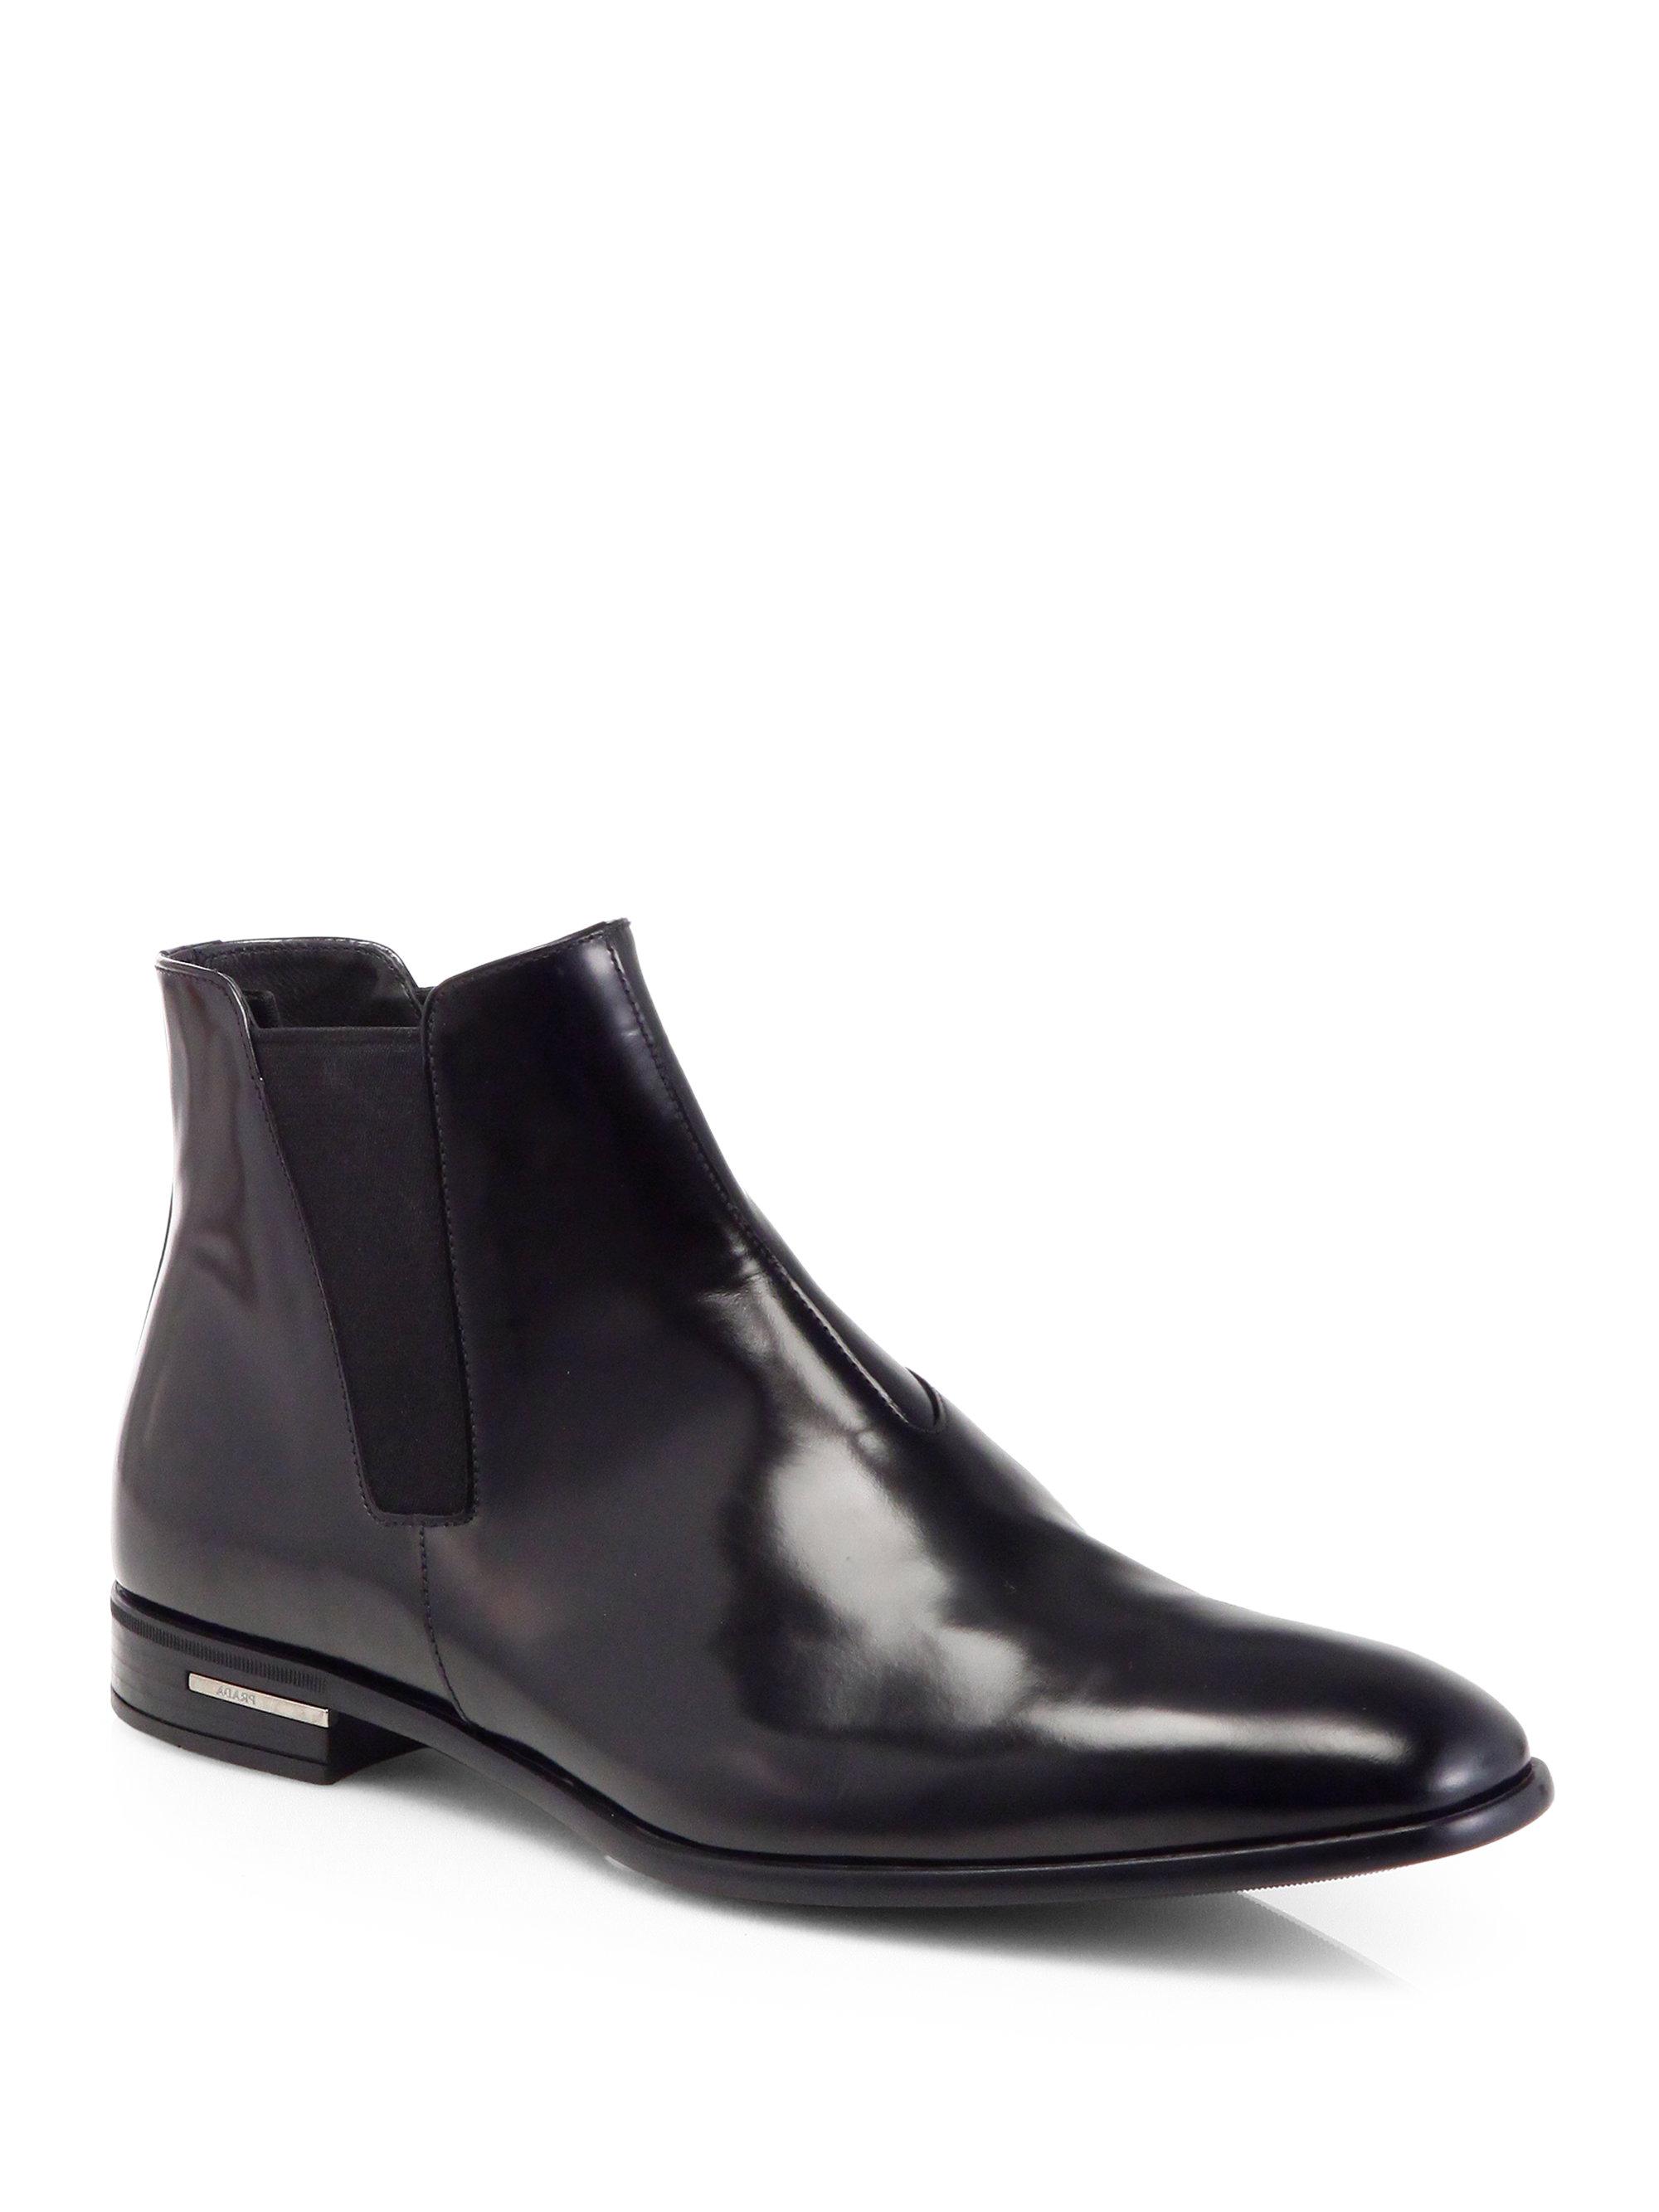 Prada Spazzolato Chelsea Boots In Black For Men Lyst